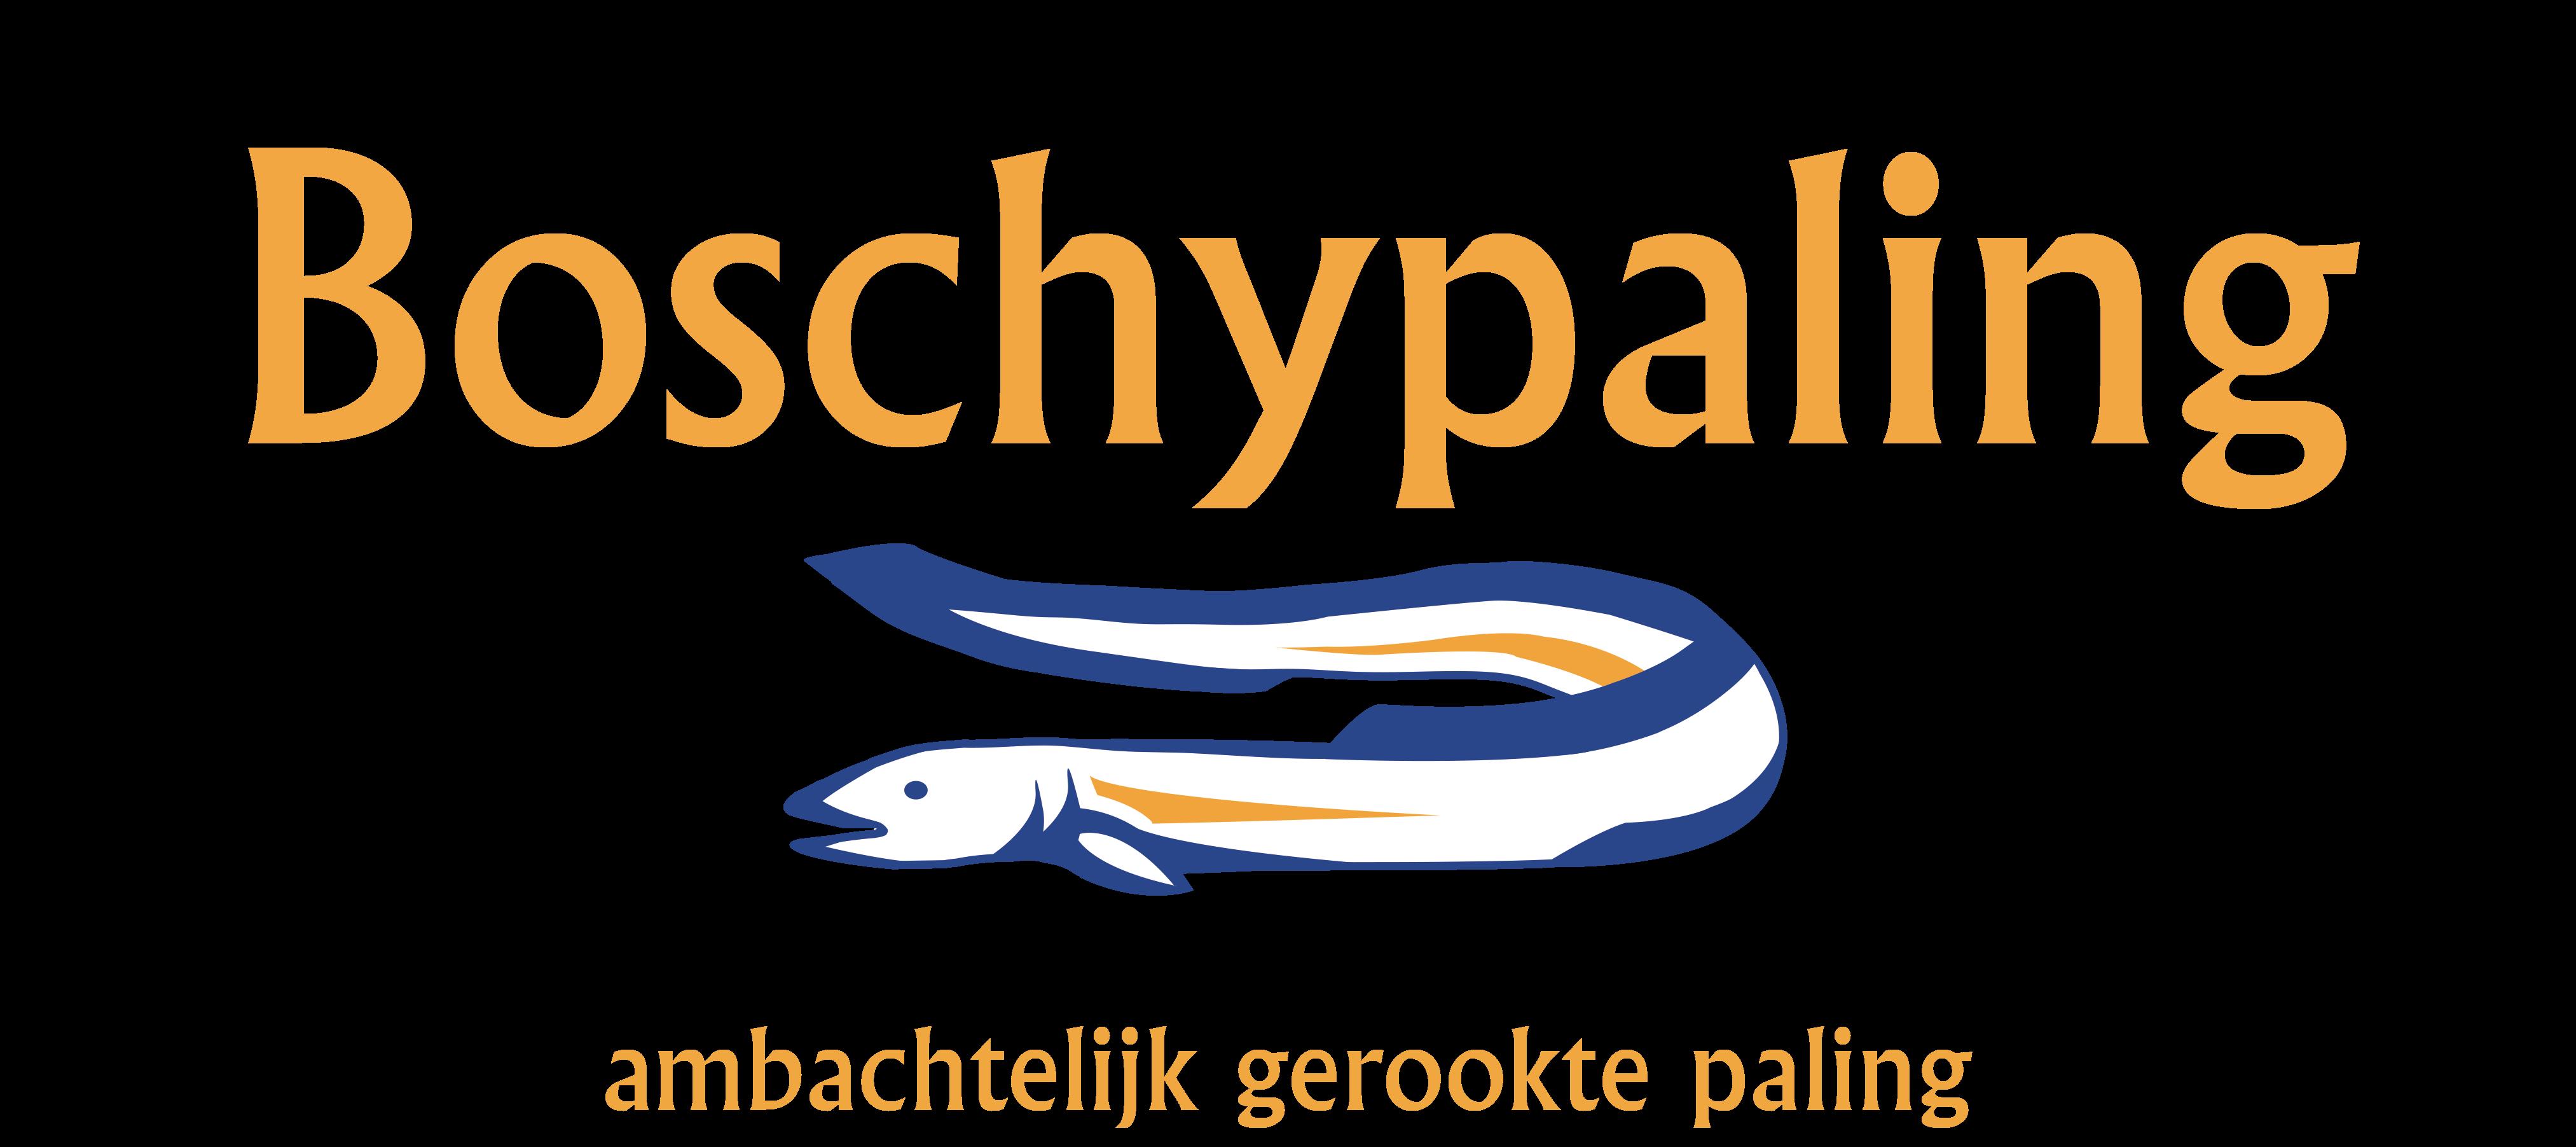 Boschypaling